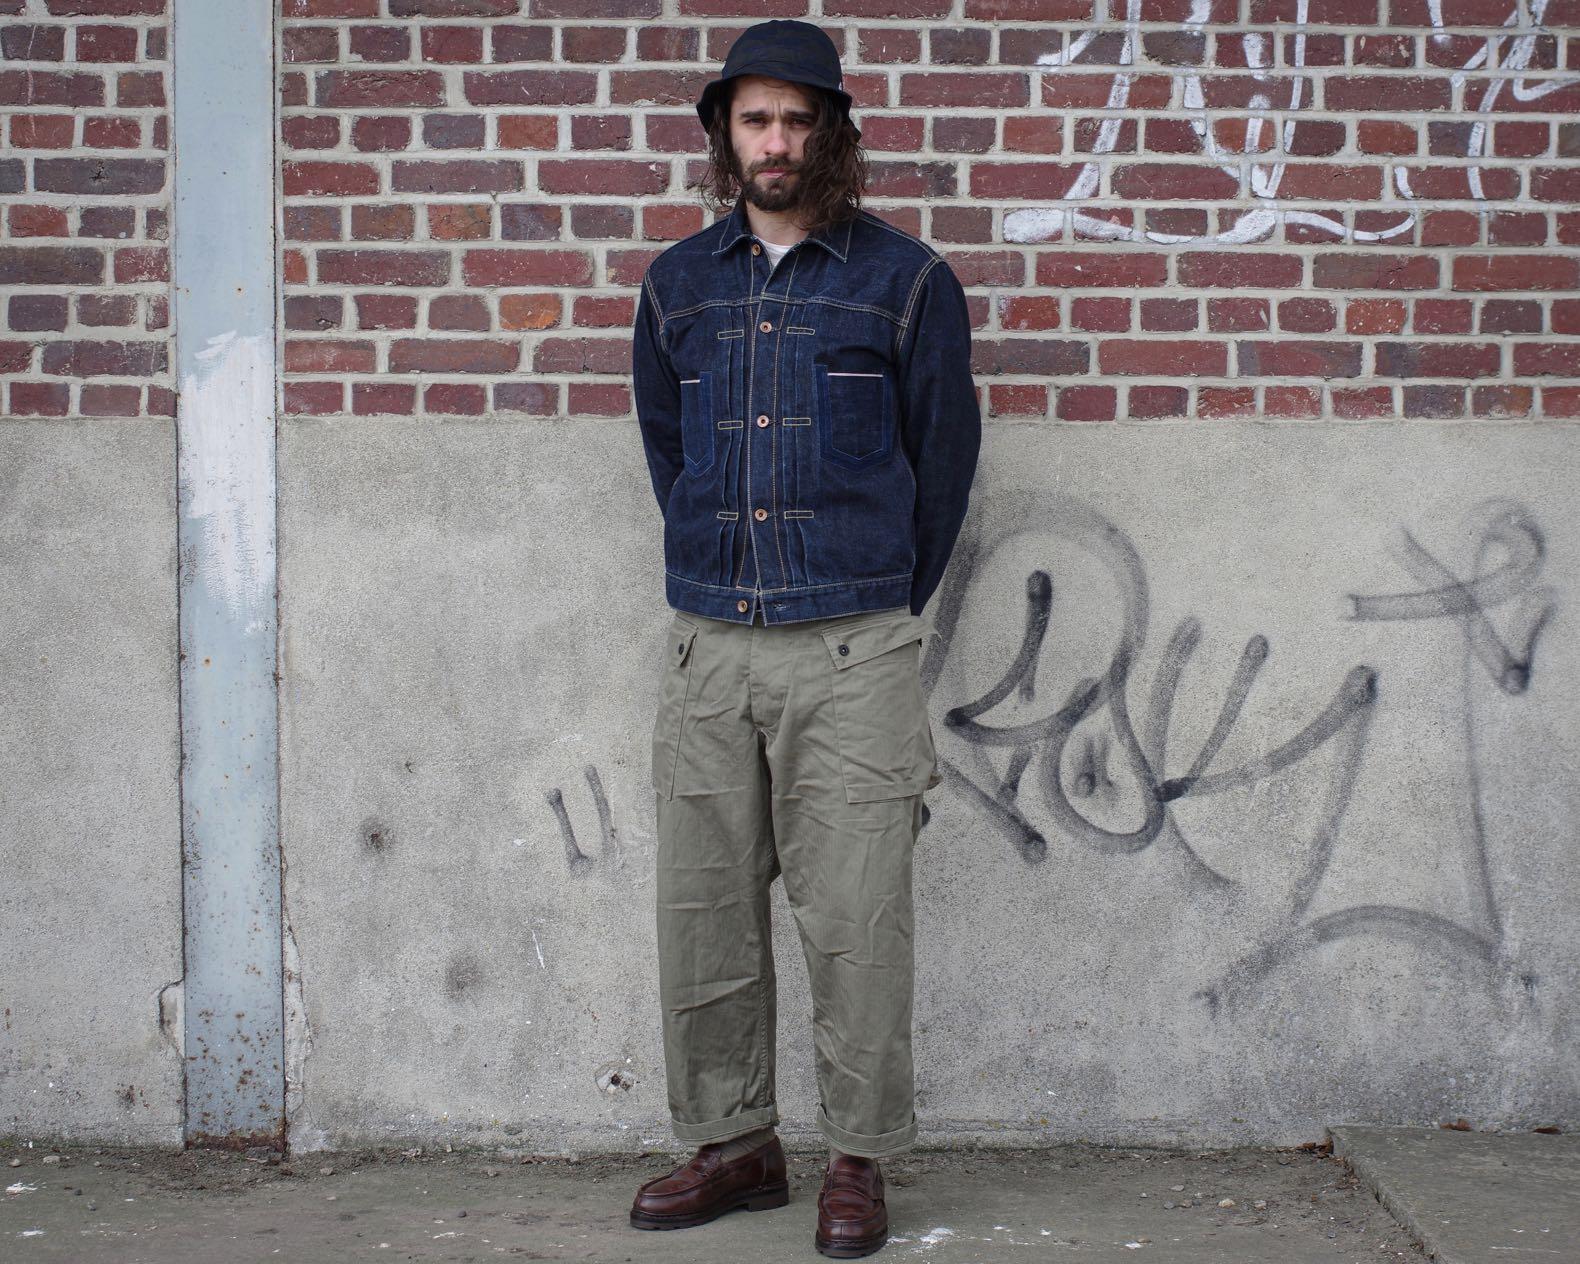 homme à cheveux long habillé avec une veste en jean, un pantalon militaire monkey vert olive et des paraboot reims marron avec un bob